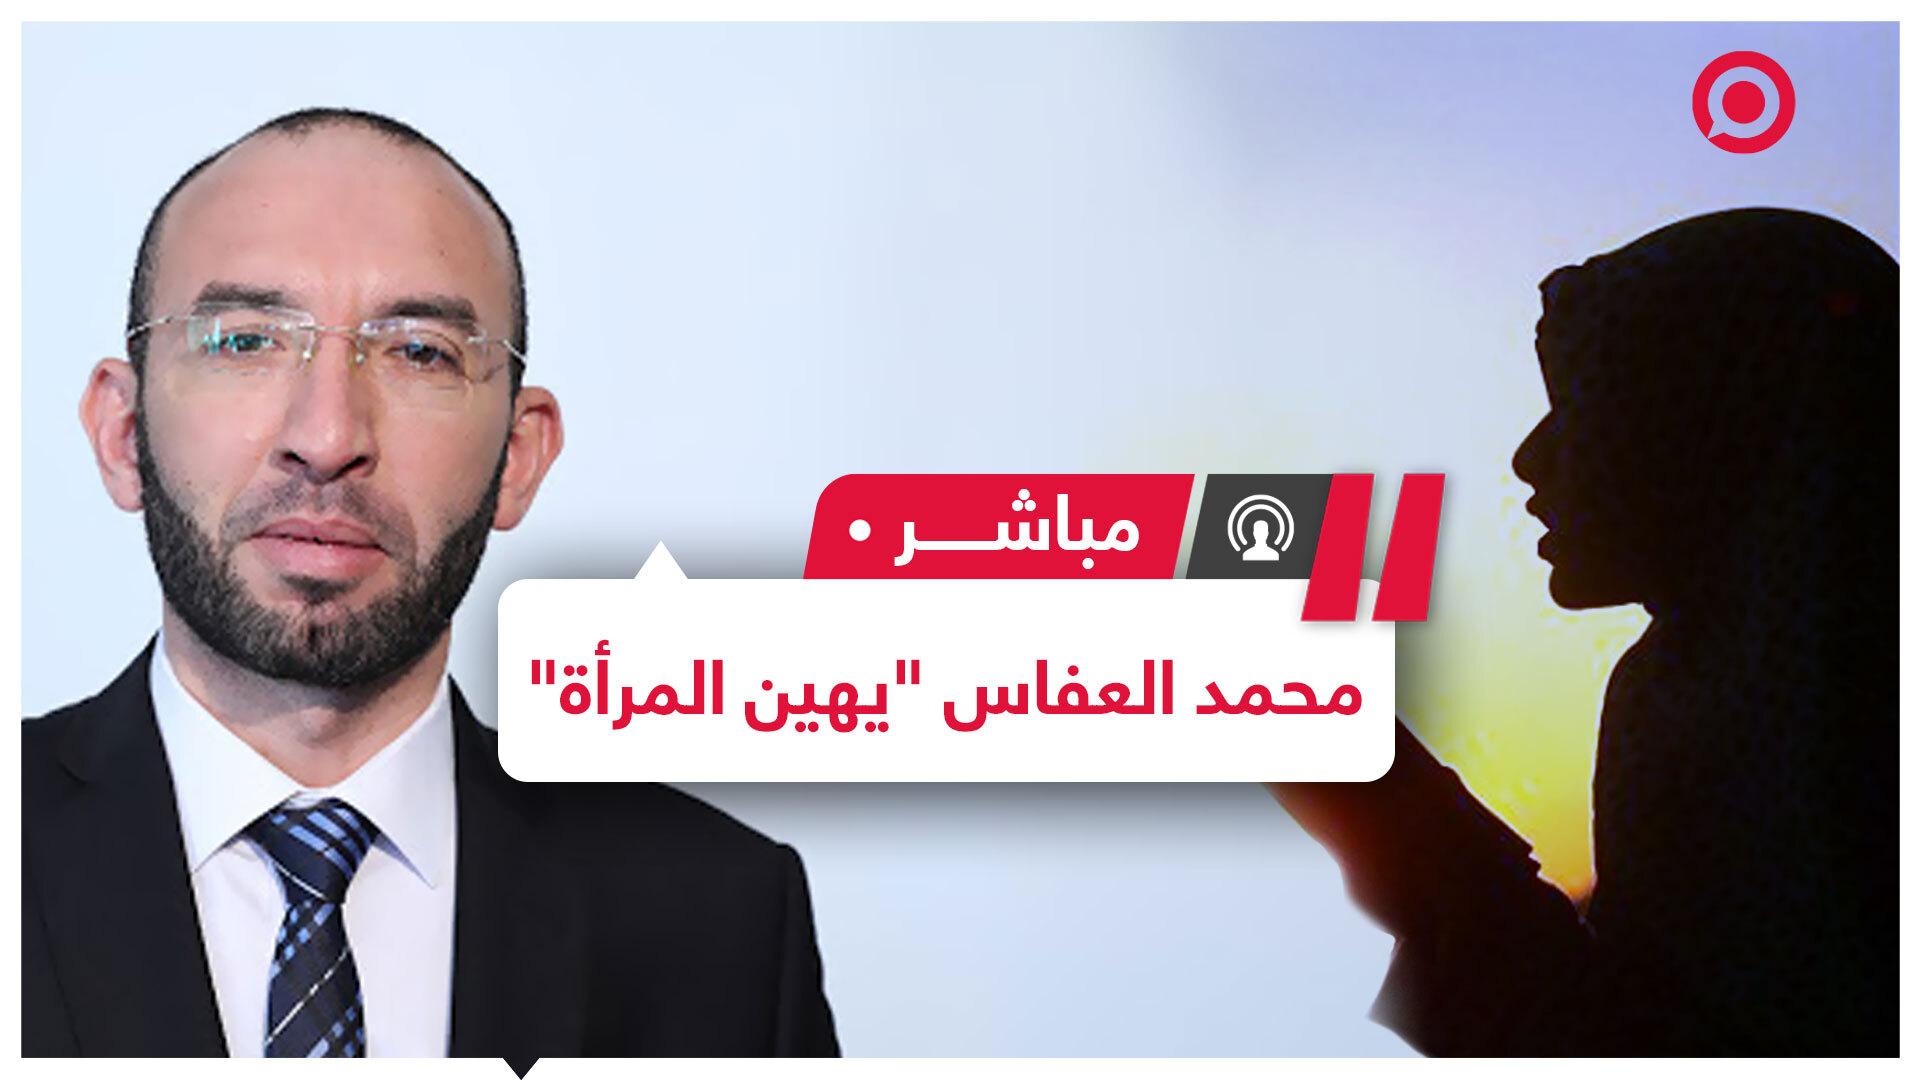 تصريحات نائب تونسي حول المرأة تثير ضجة ومطالبات برفع الحصانة عنه